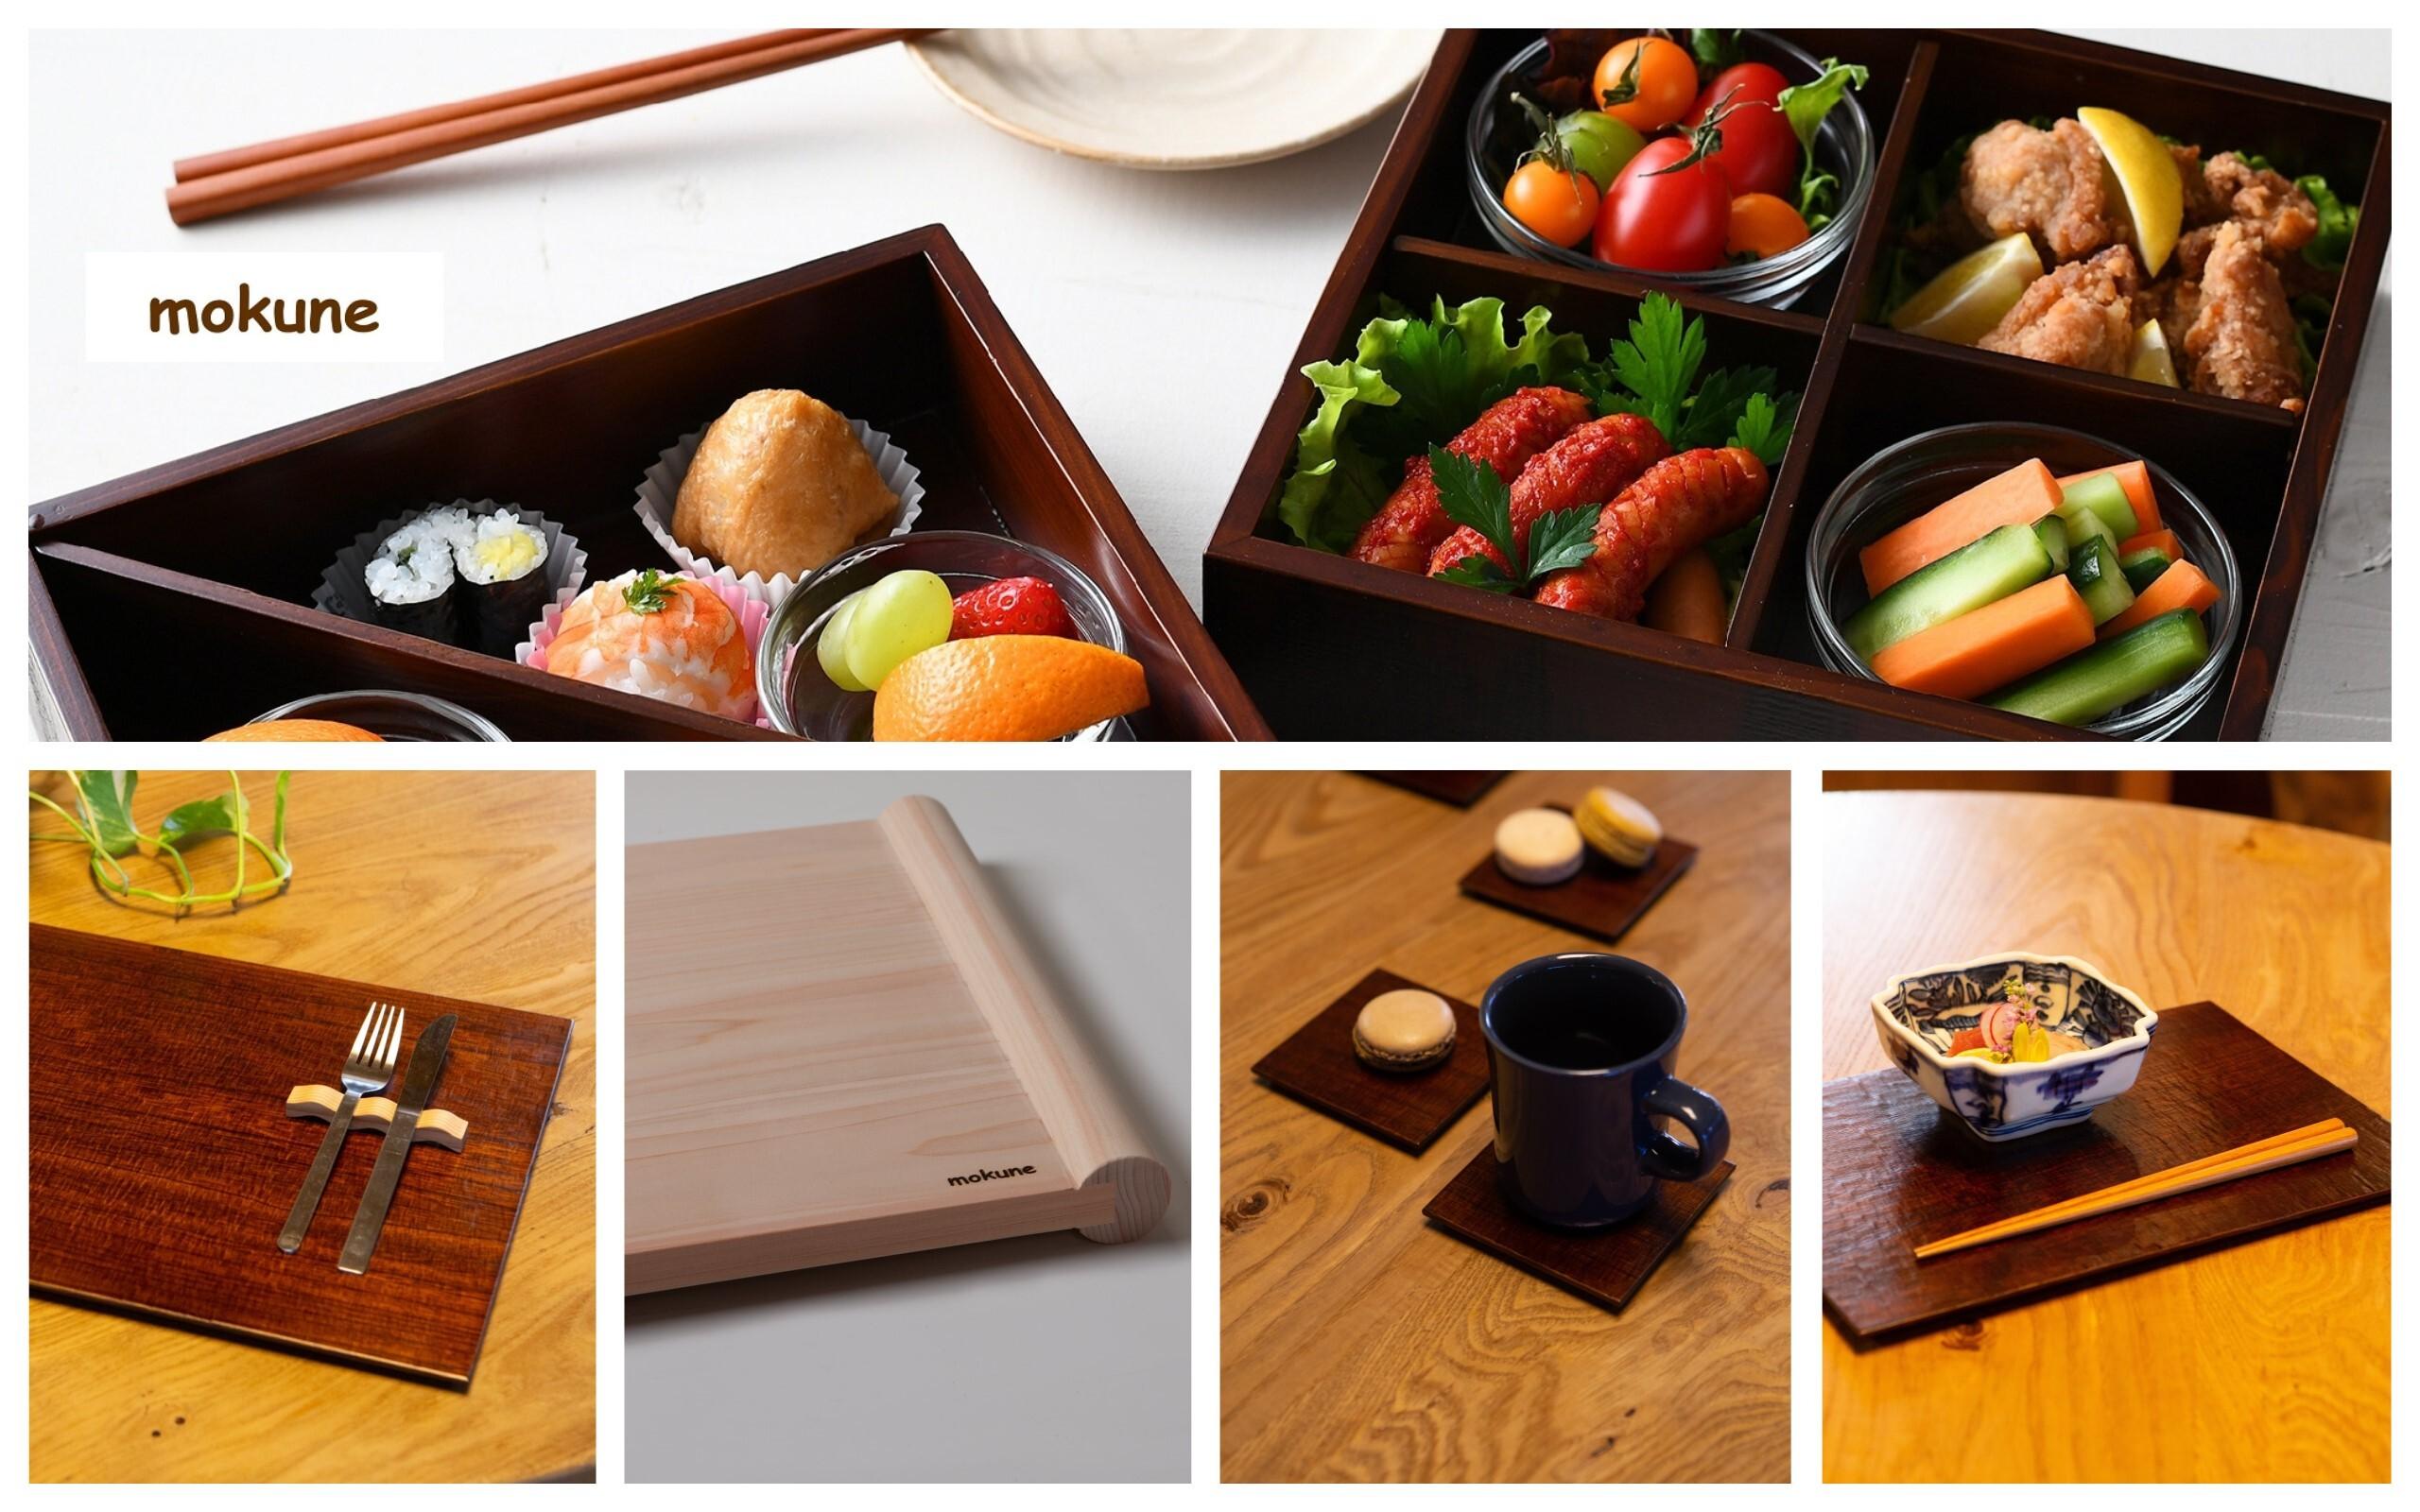 【木】本来の温かみと重厚感を大切にし、日本の伝統技術で上質な質感に仕上げ、使いやすさと美しさを兼ね備えた製品がmokuneシリーズです。